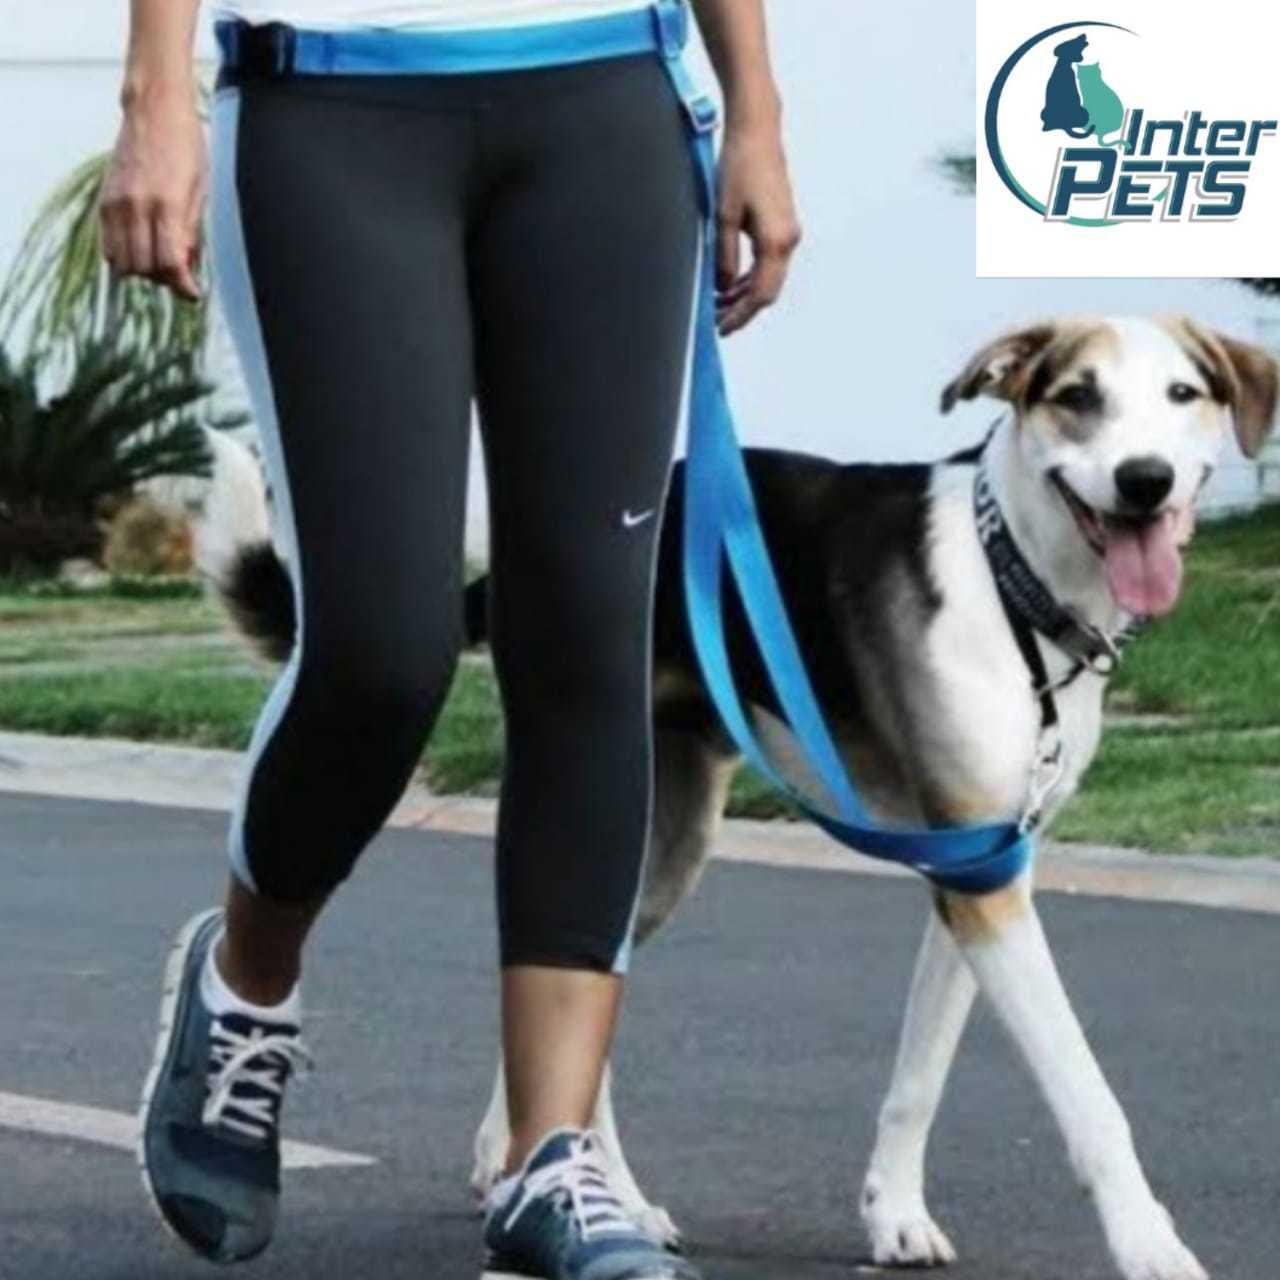 Guia para corrida ou caminhada mãos livres-Interpets